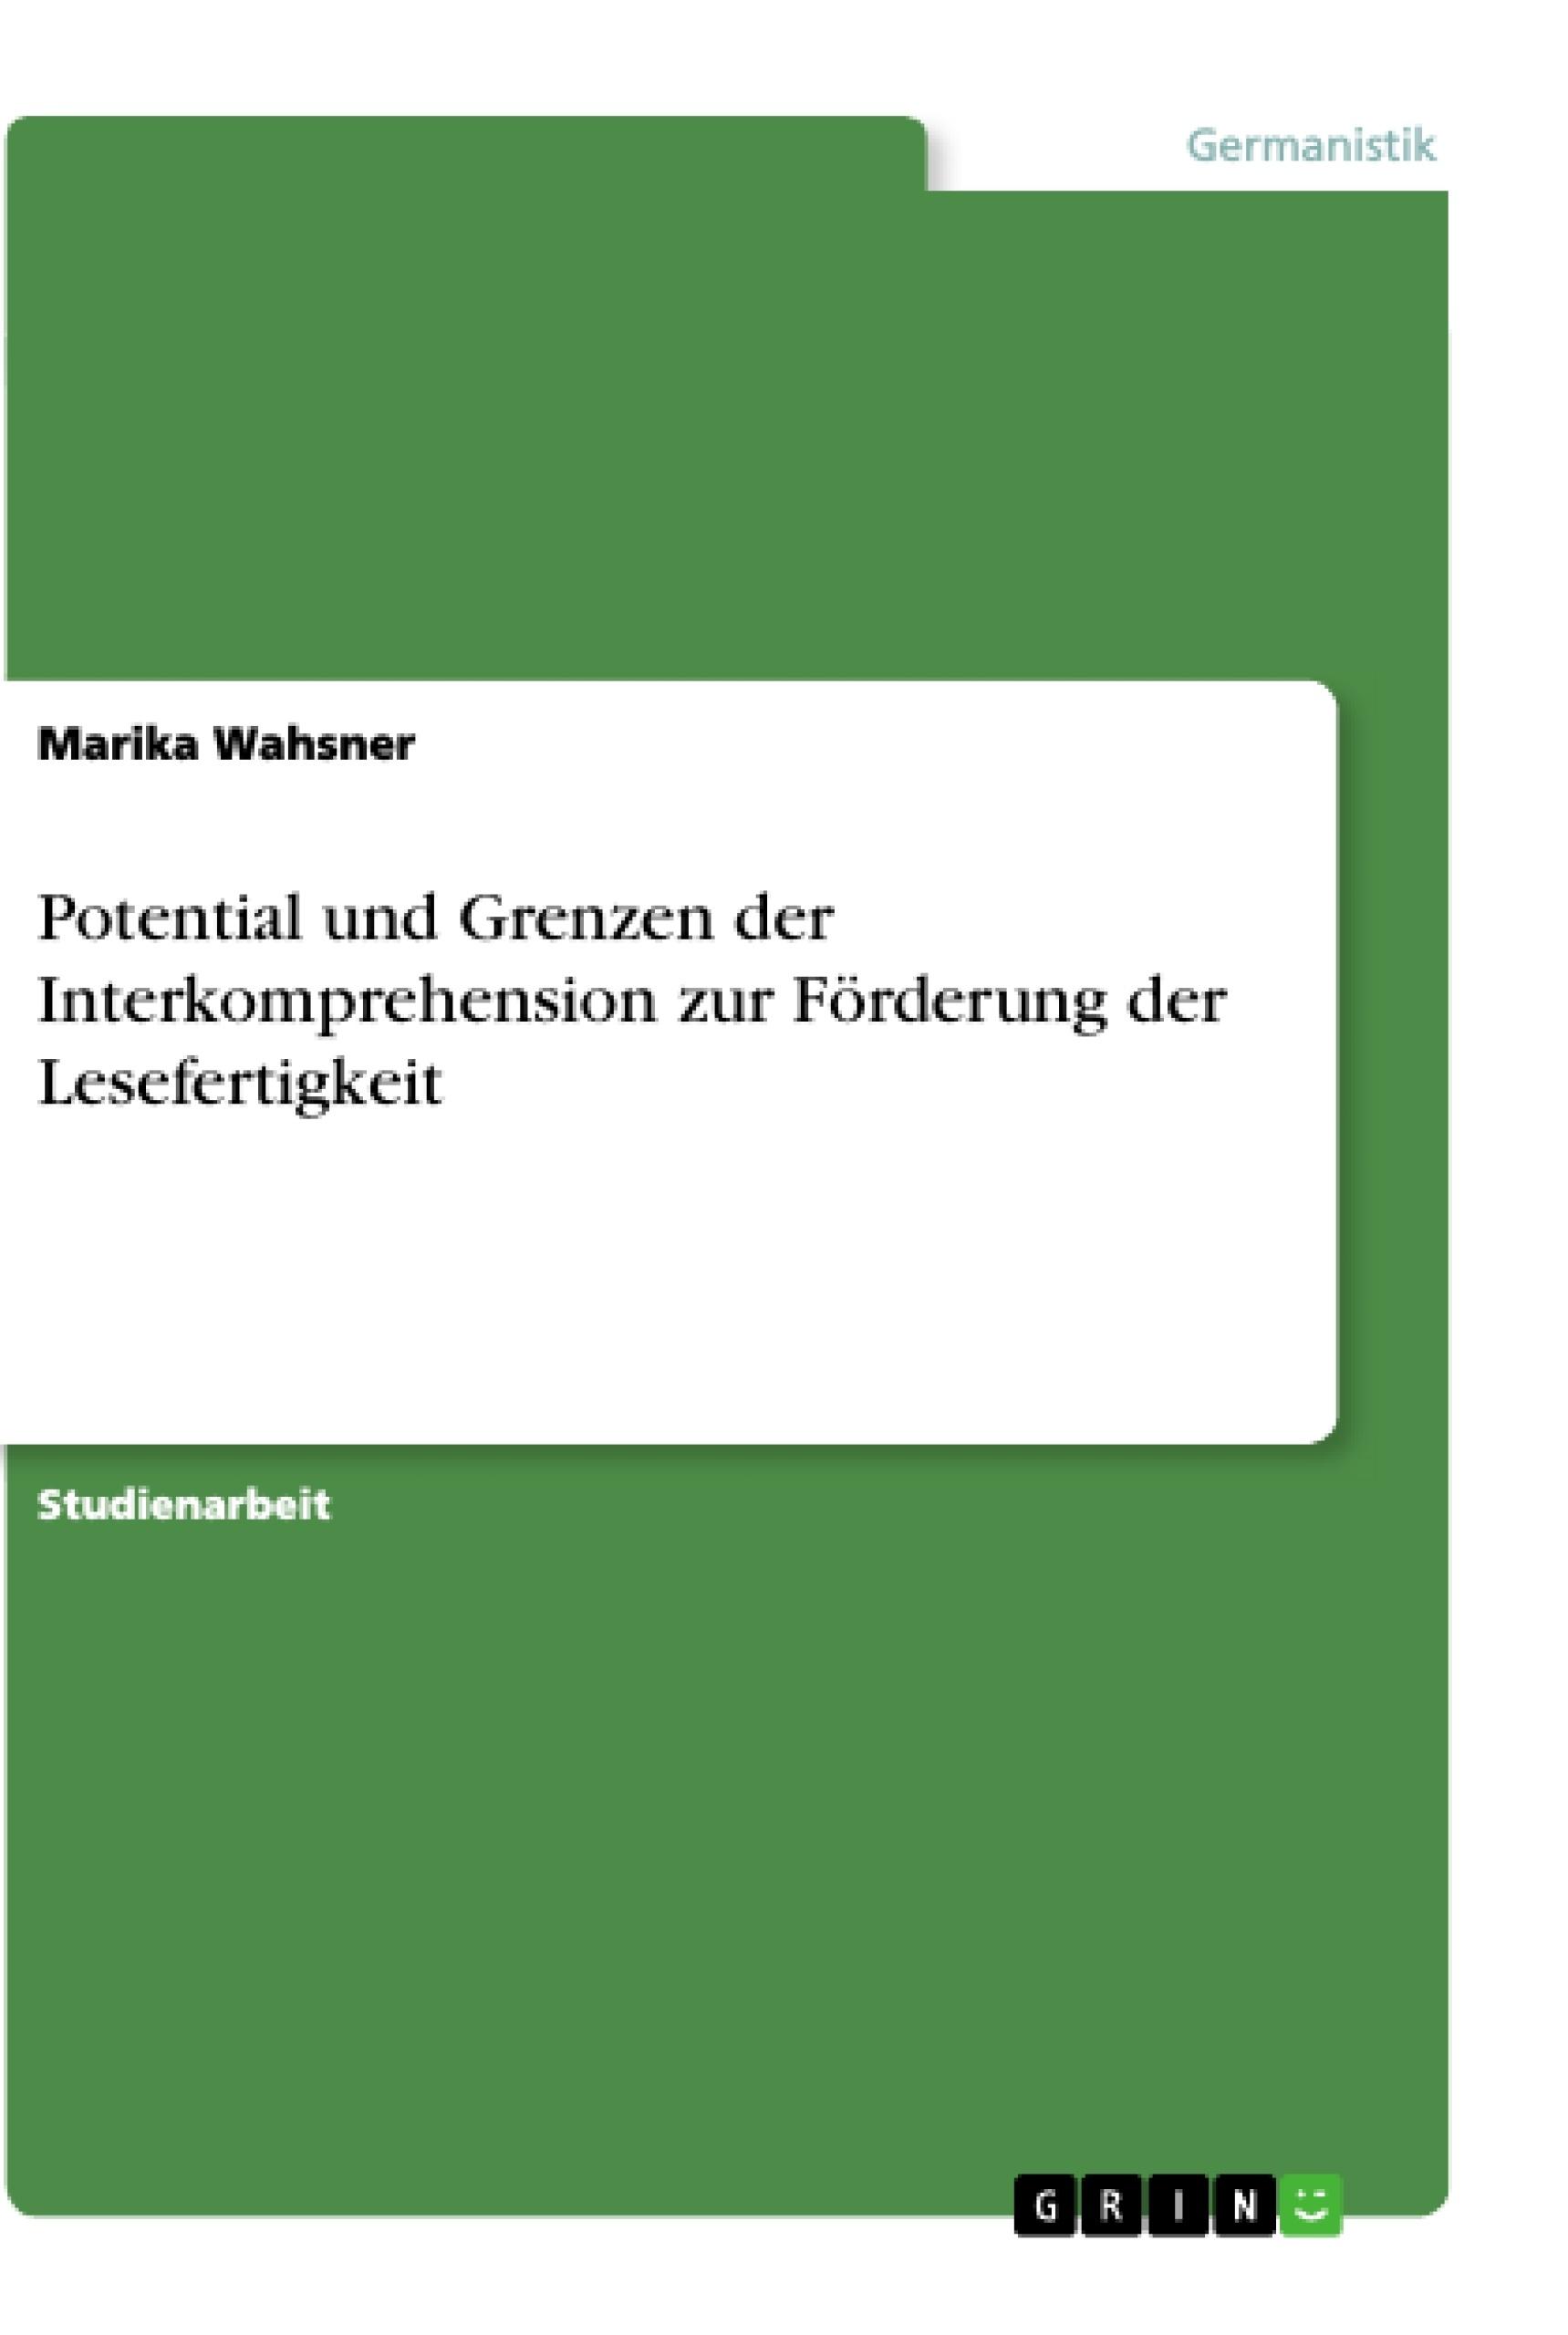 Titel: Potential und Grenzen der Interkomprehension zur Förderung der Lesefertigkeit